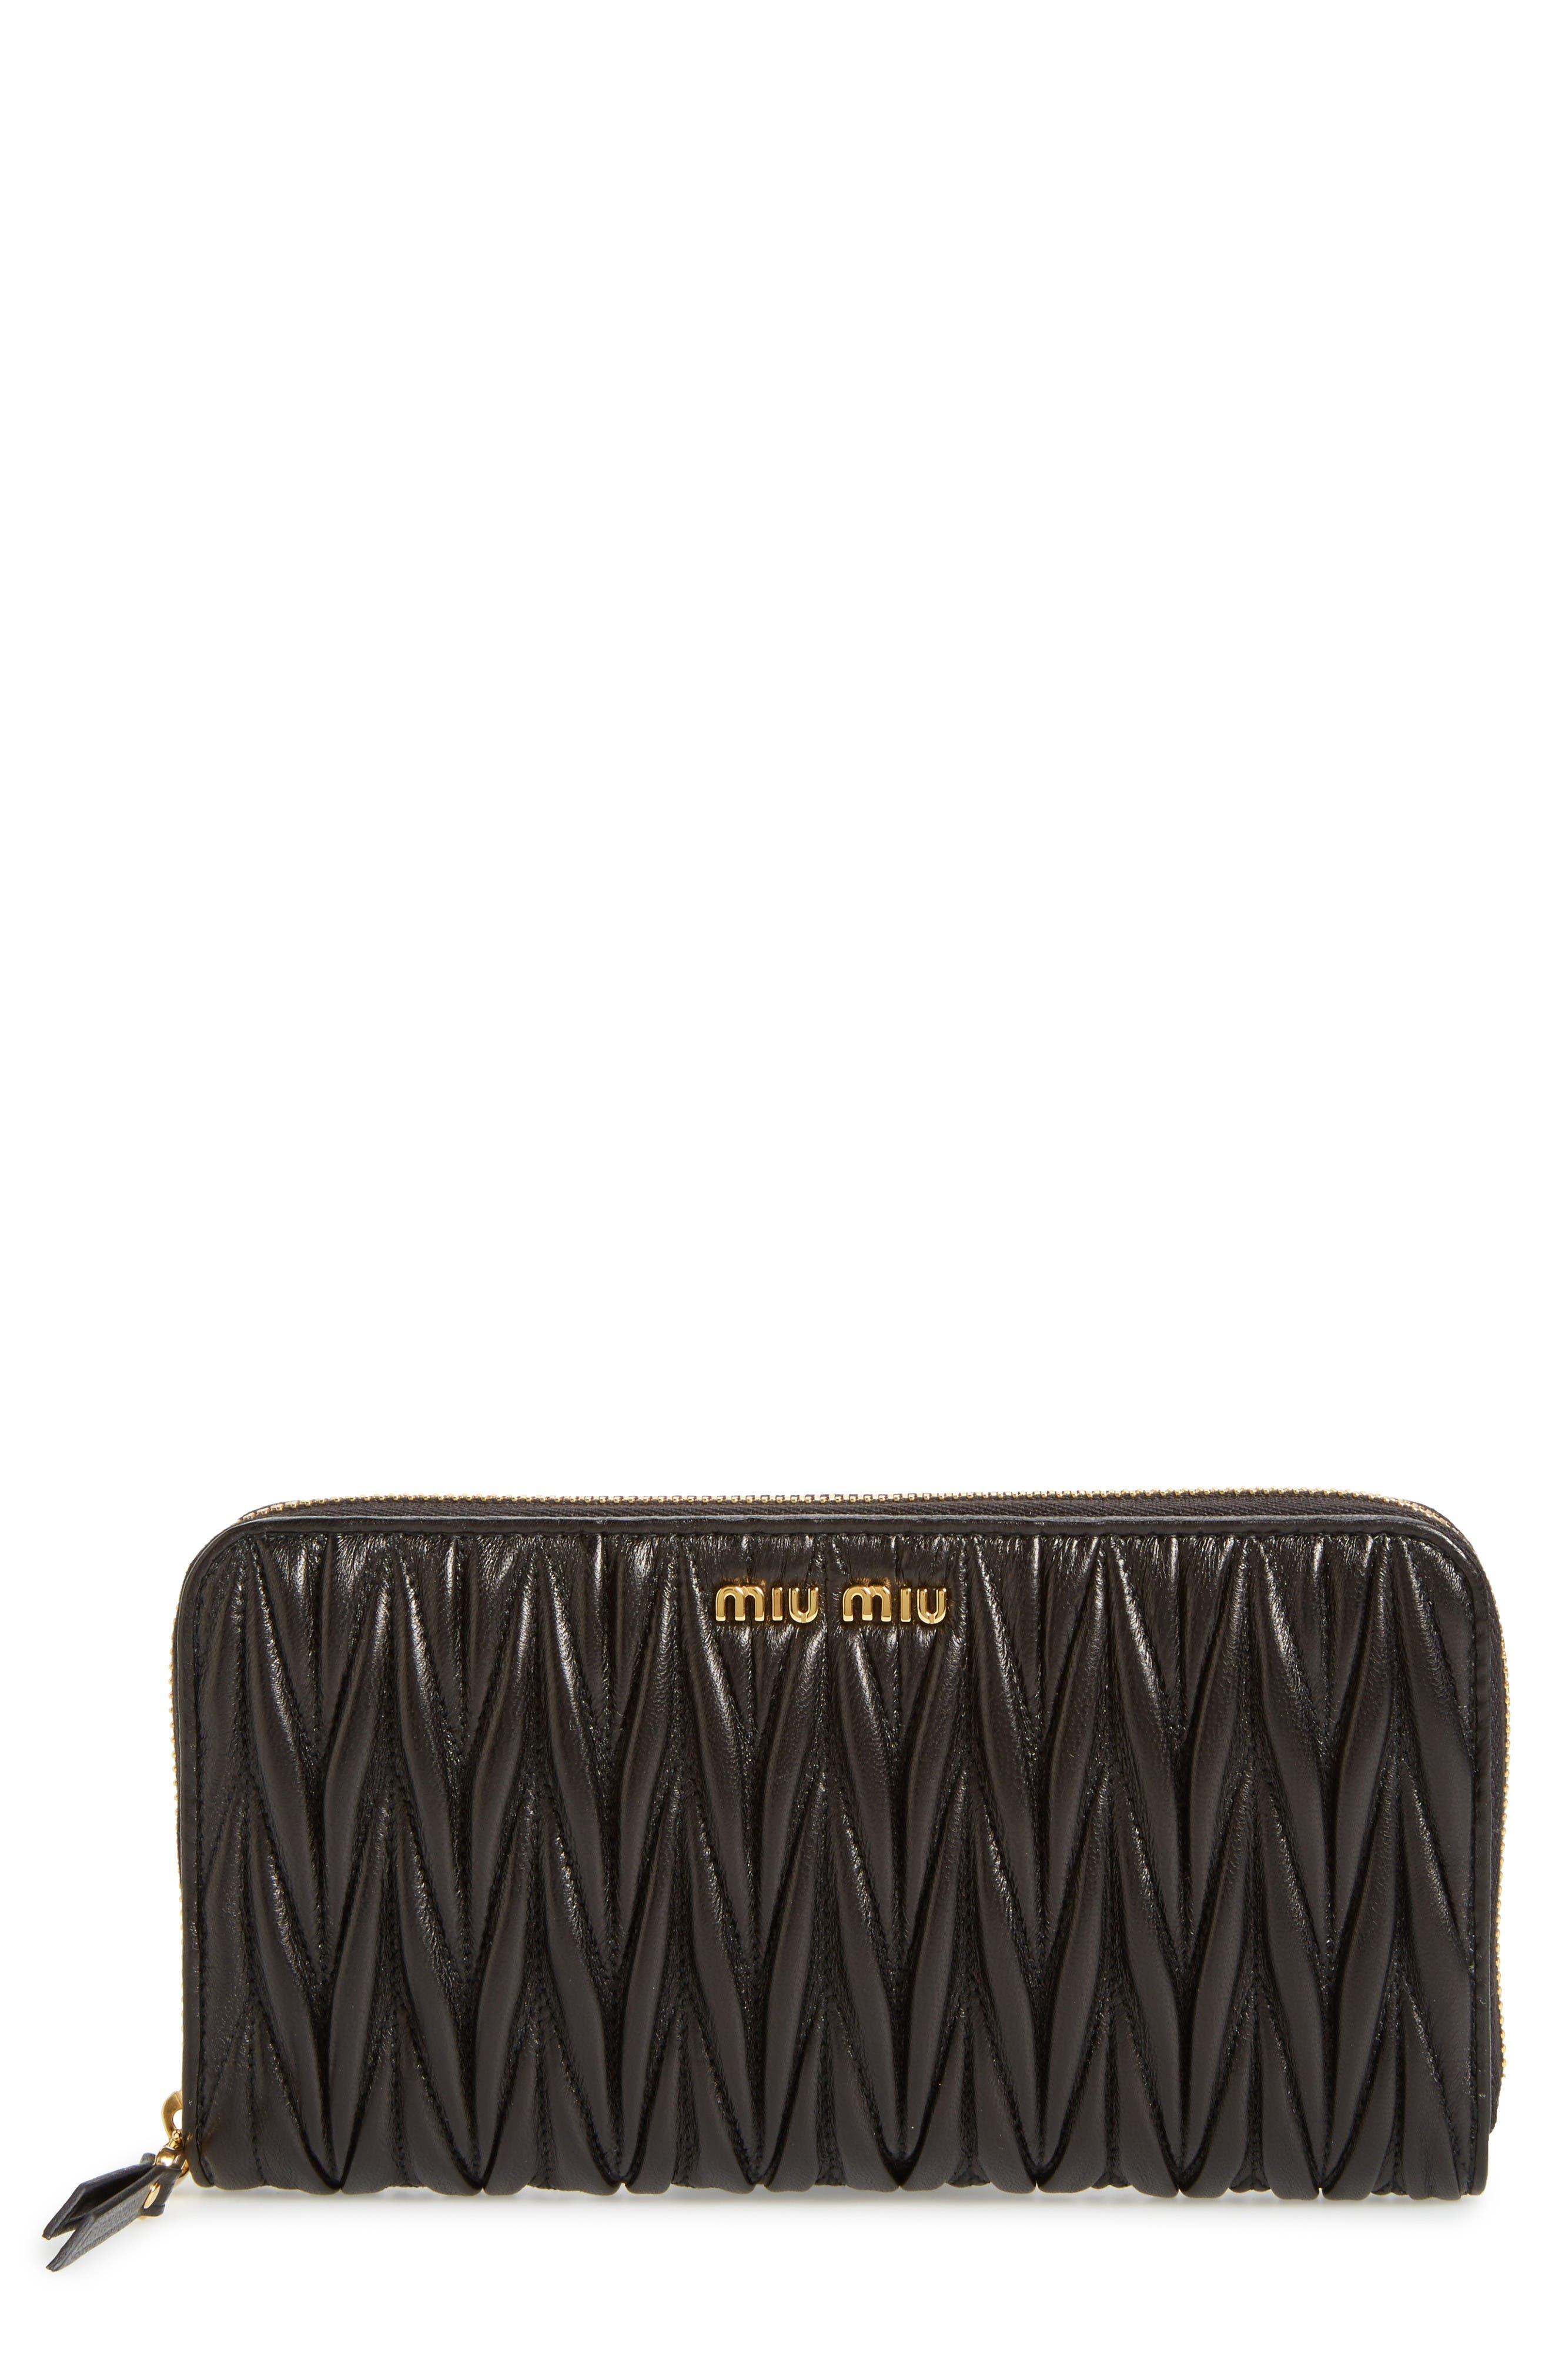 Miu Miu Matelassé Leather Zip Around Wallet